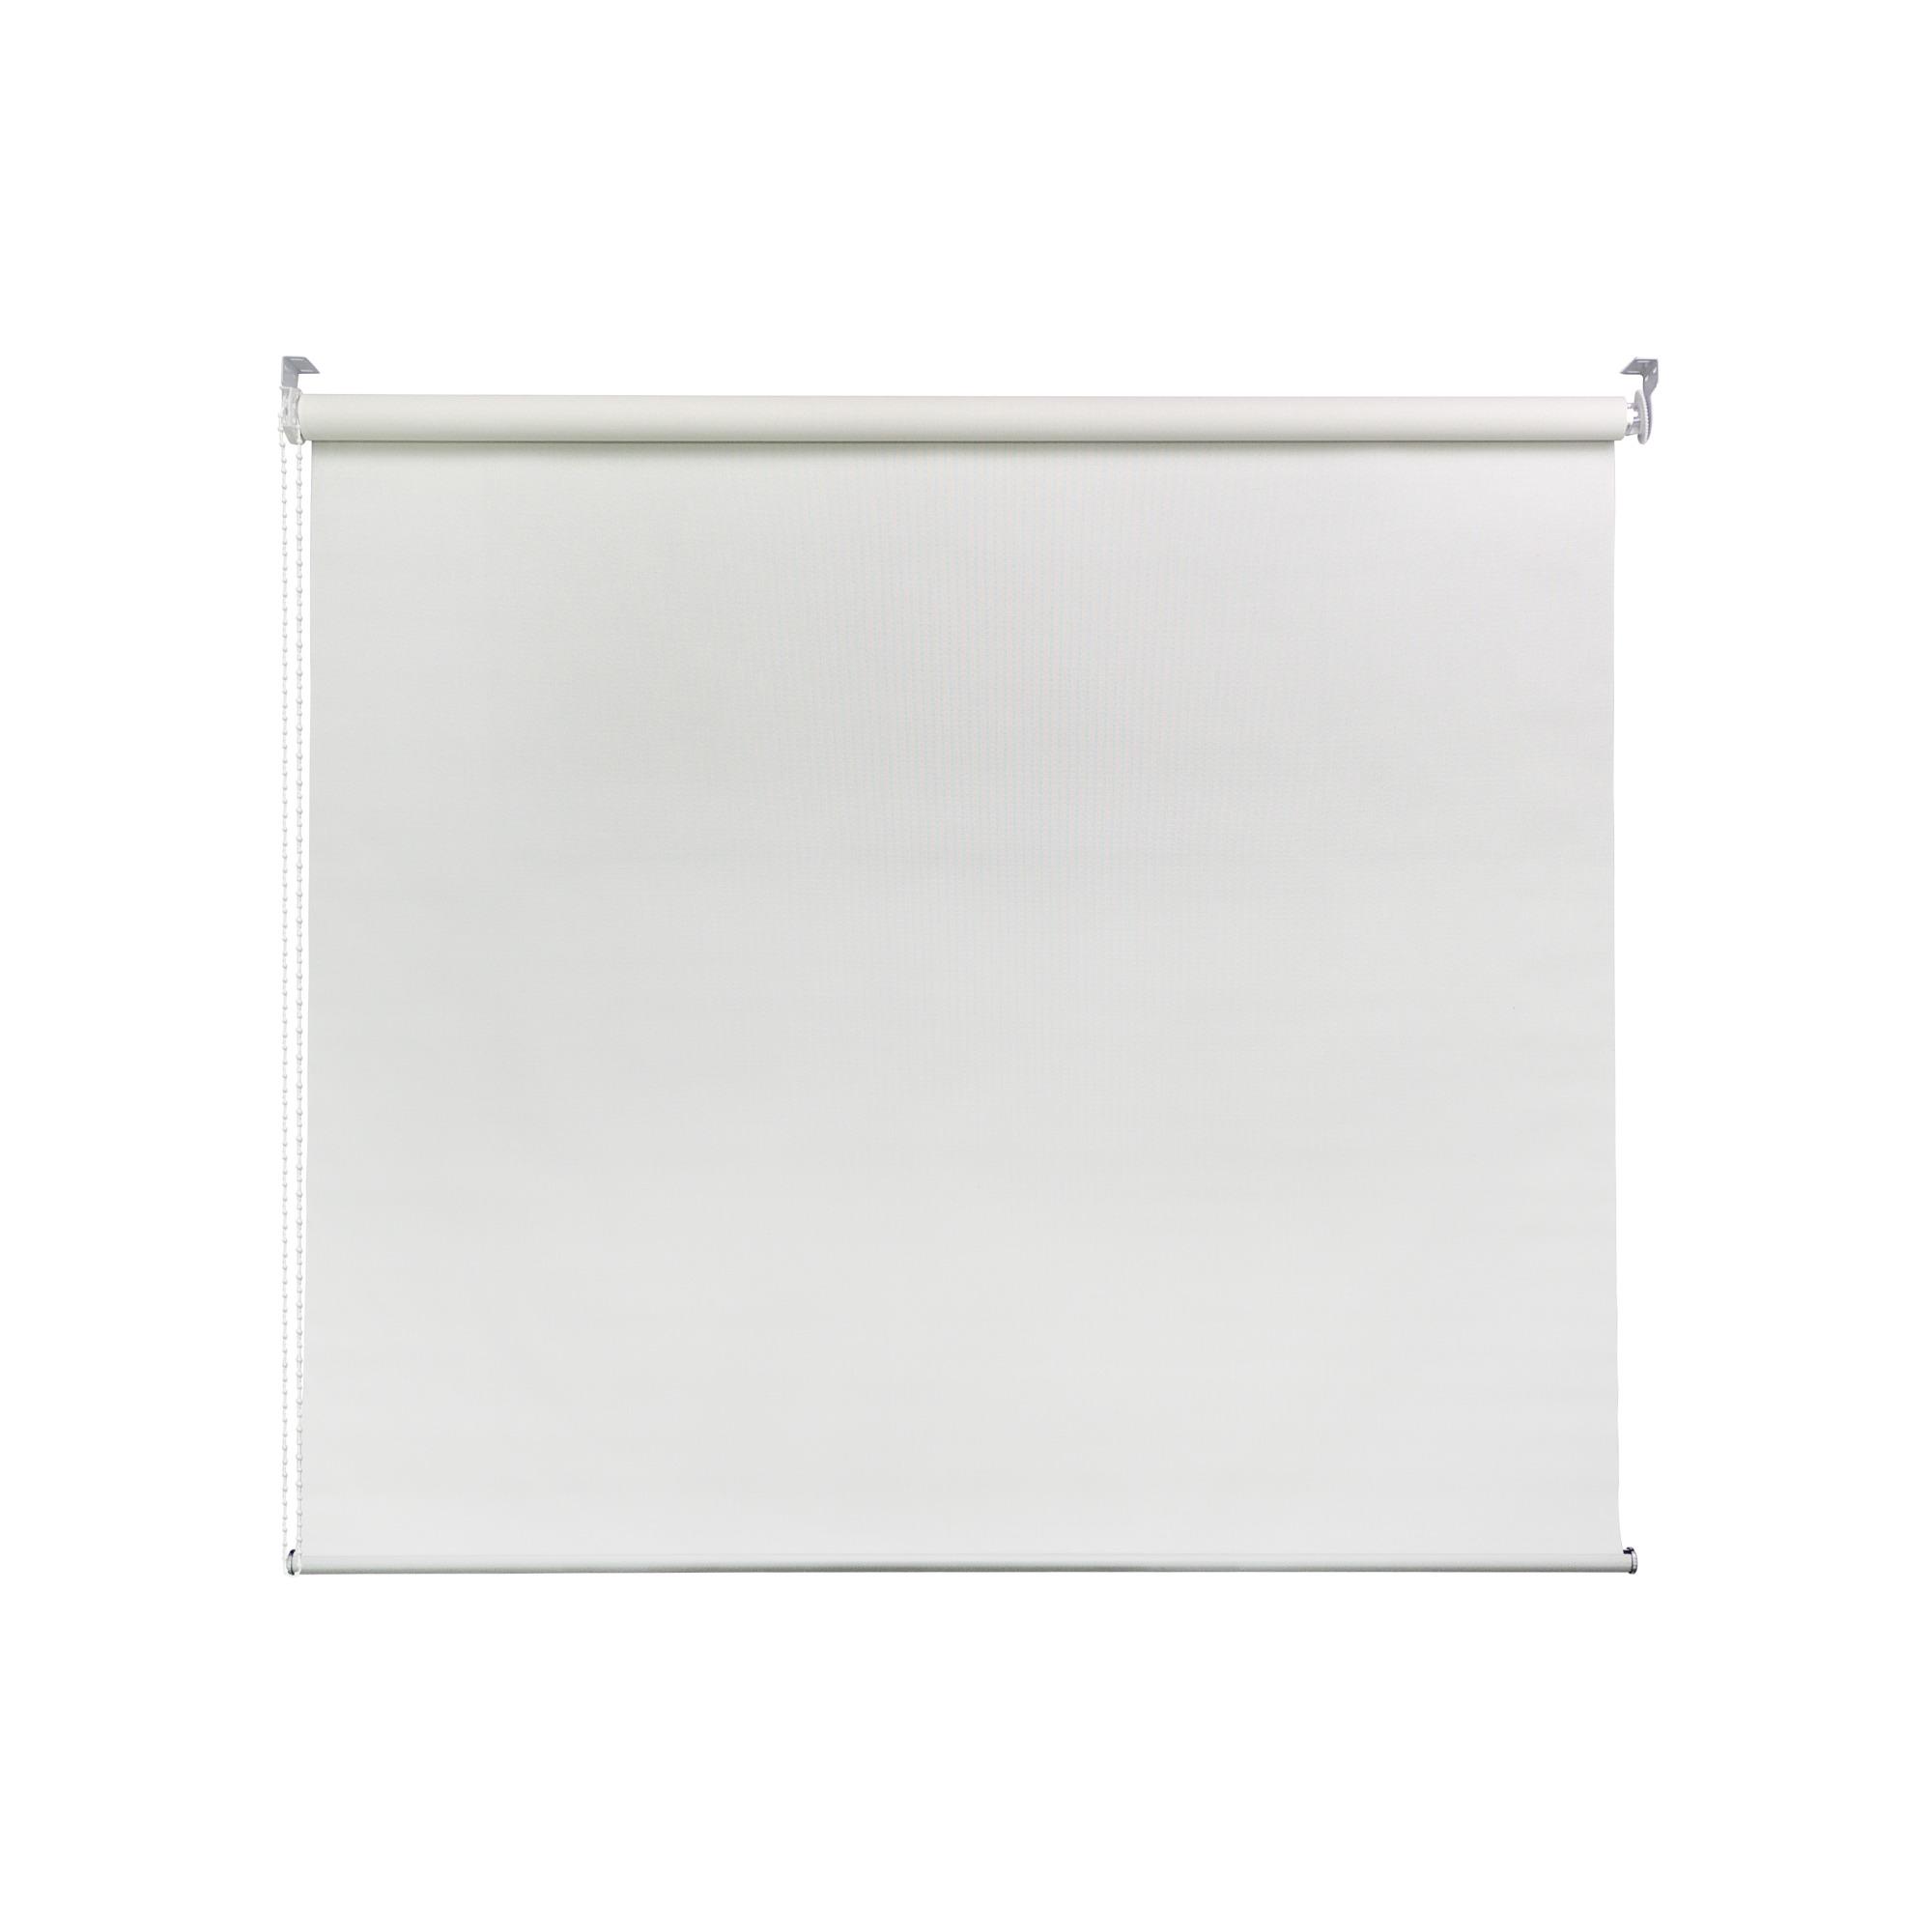 Persiana Rolo Poliester e PVC 80x170 cm Branco 50A01 - Jolie